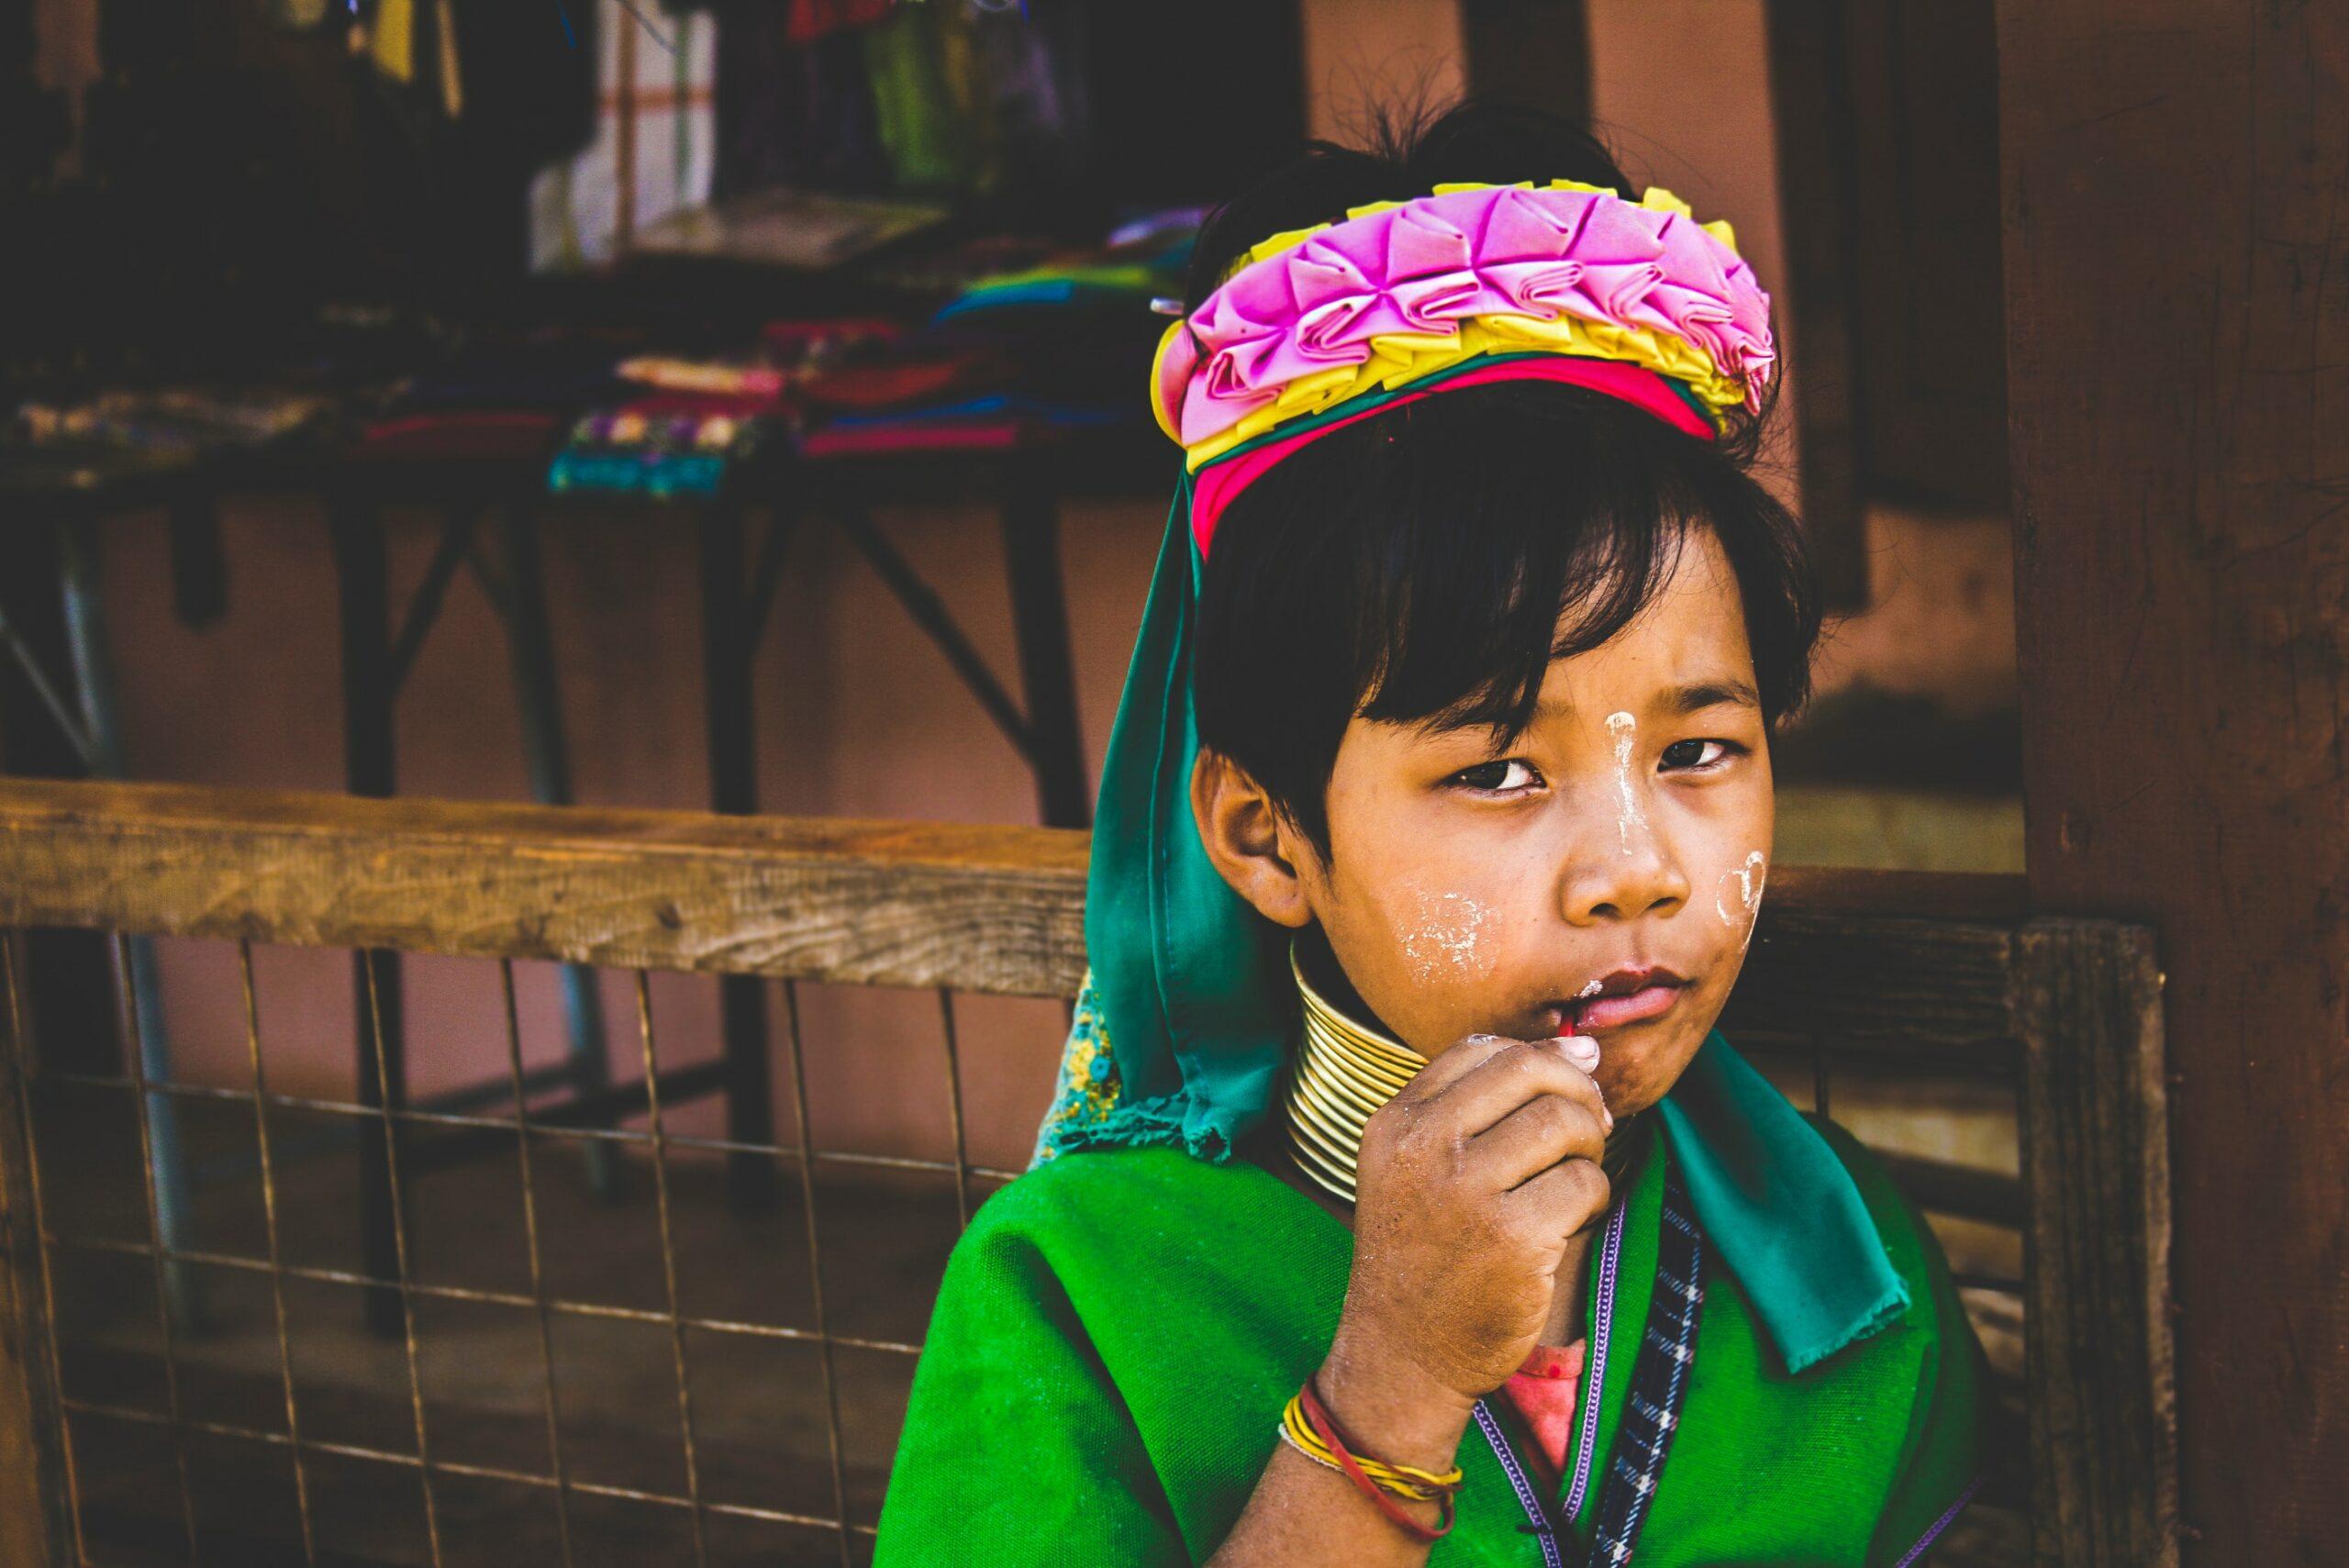 Un portrait coloré d'un enfant vêtu d'habits de fêtes. Il porte du vert du rose du jaune et du rouge. Permission donnée pour la photo